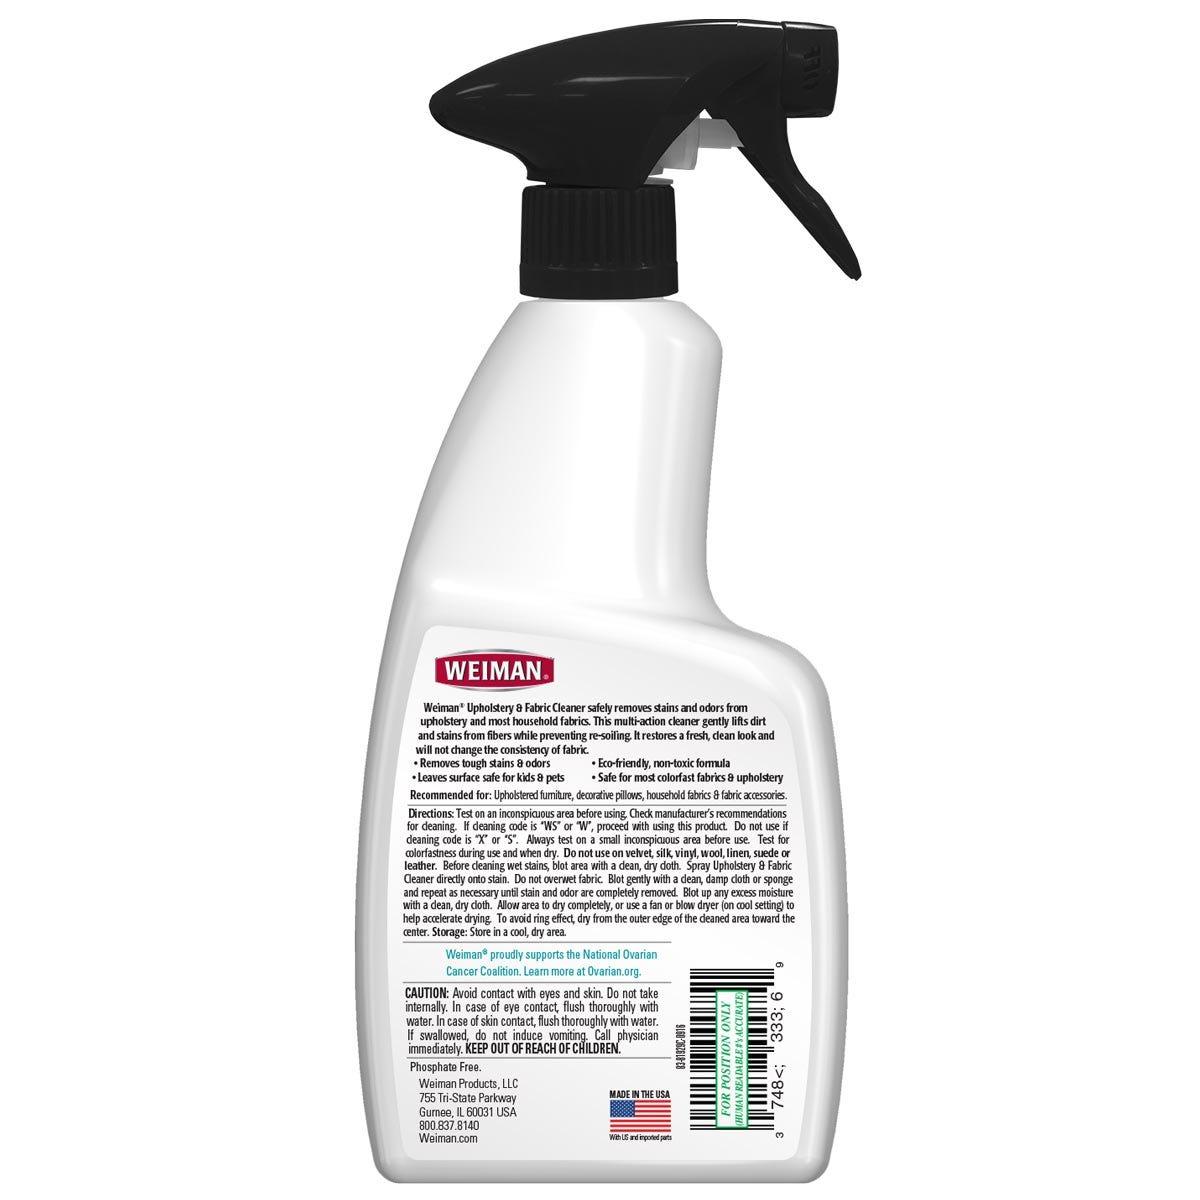 https://googone.com/media/catalog/product/w/e/weiman-upholstery-cleaner_back.jpg